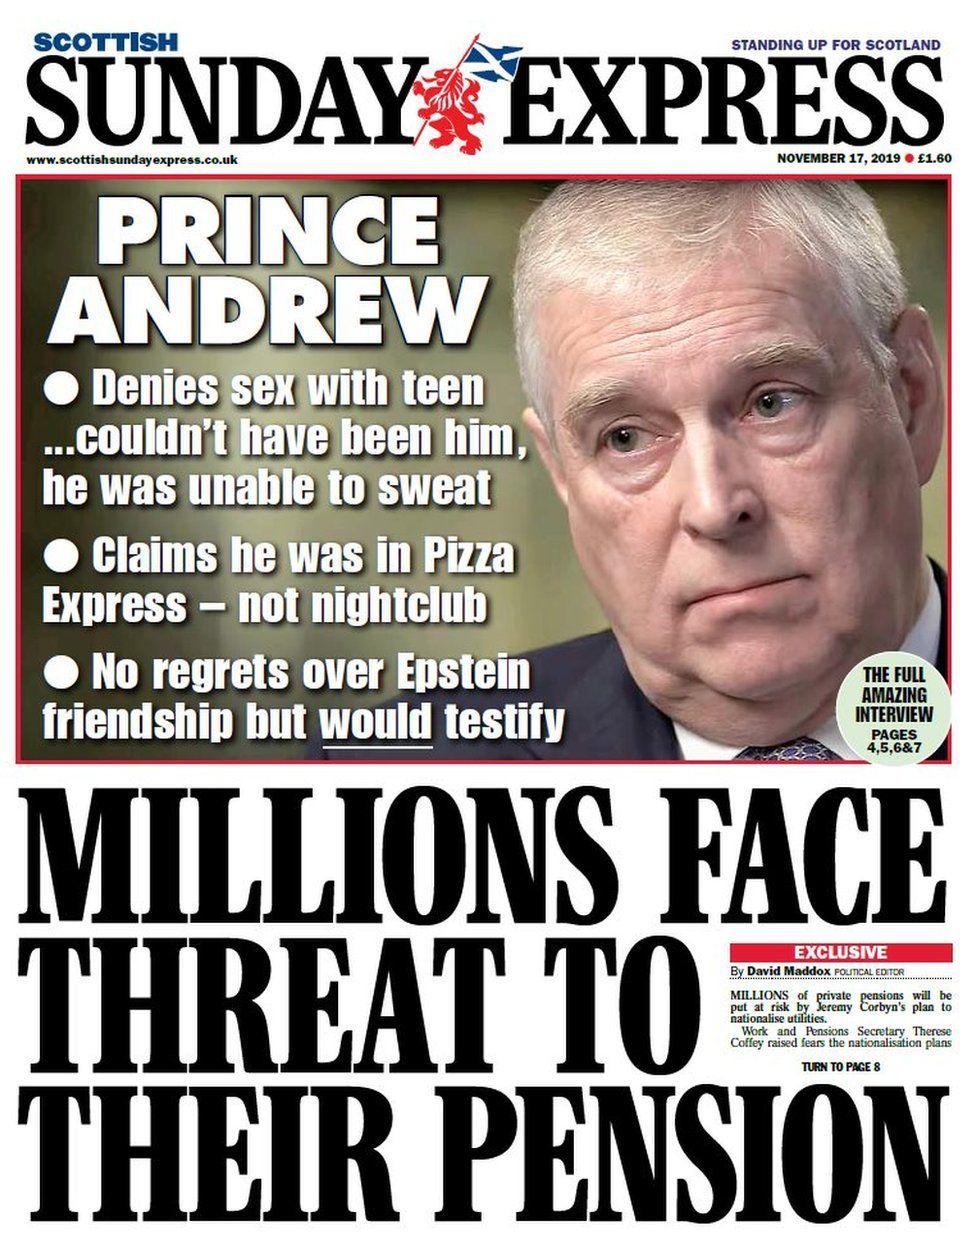 Scottish Sunday Express